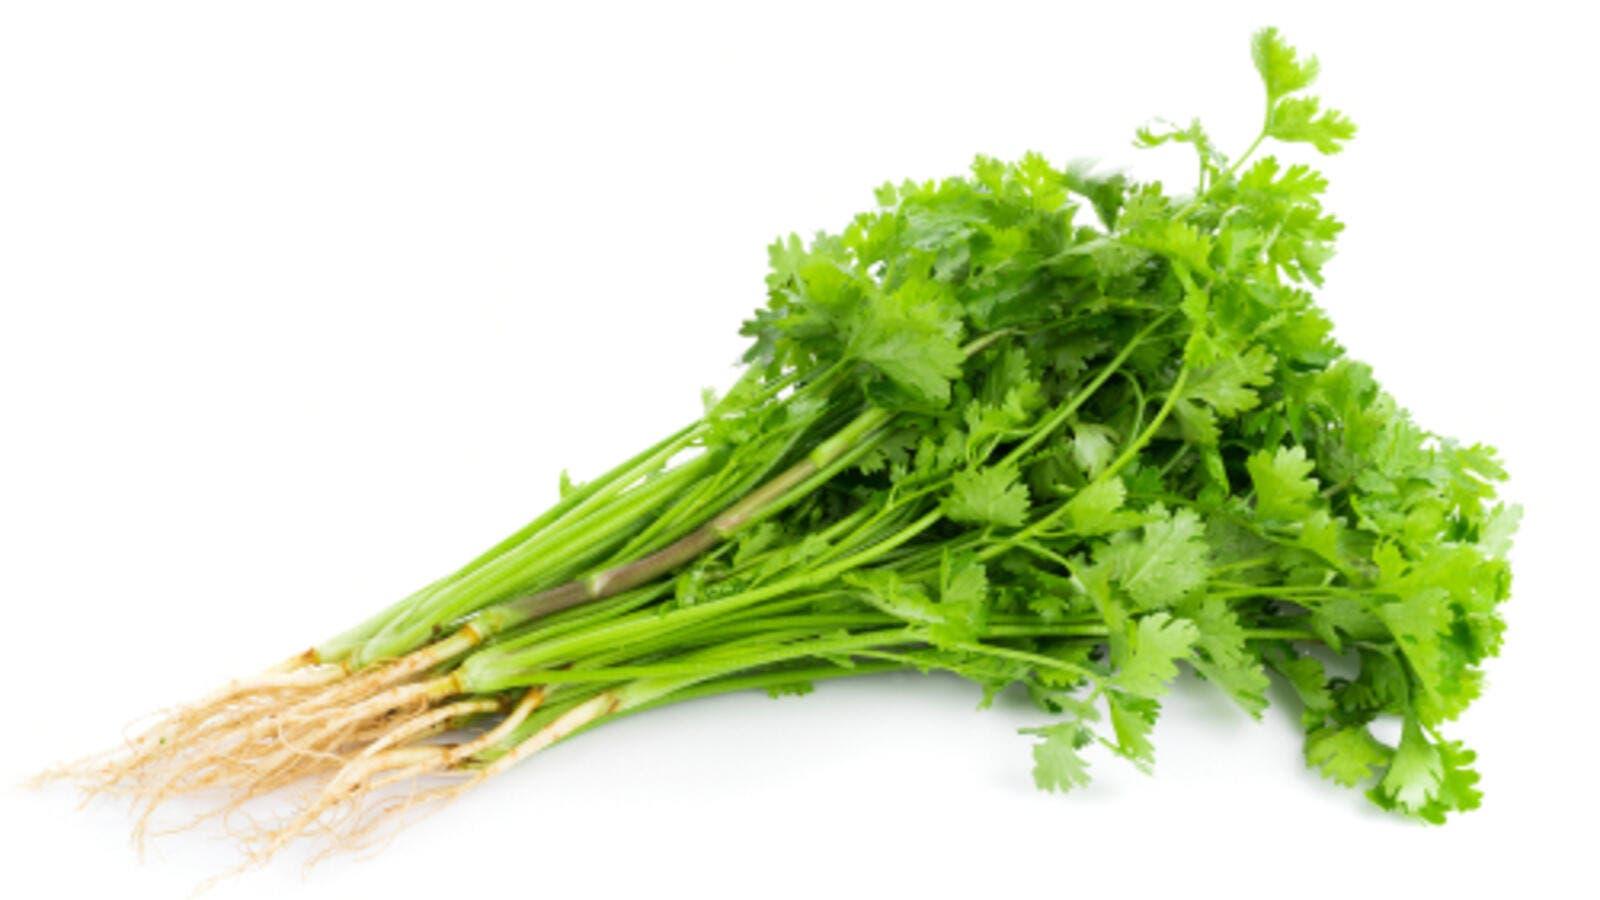 فوائد استعمالات عشبة الرشاد نبتة sativum-HEALTH2018.j